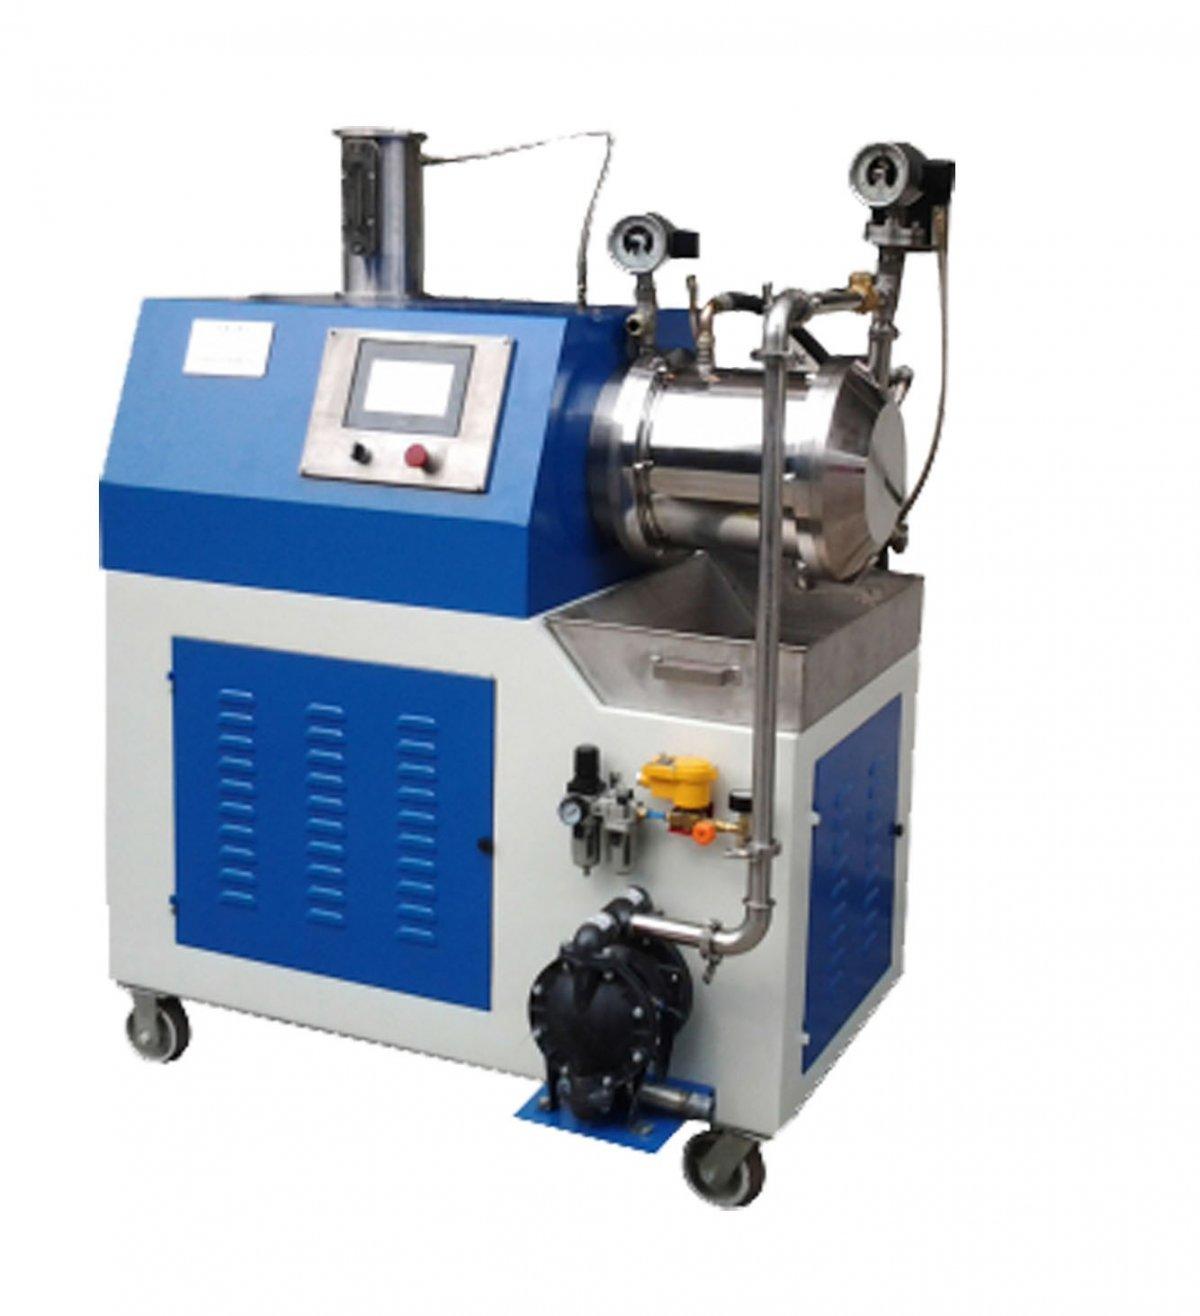 油漆涂料油墨纳米材料专用涡轮砂磨机的图片